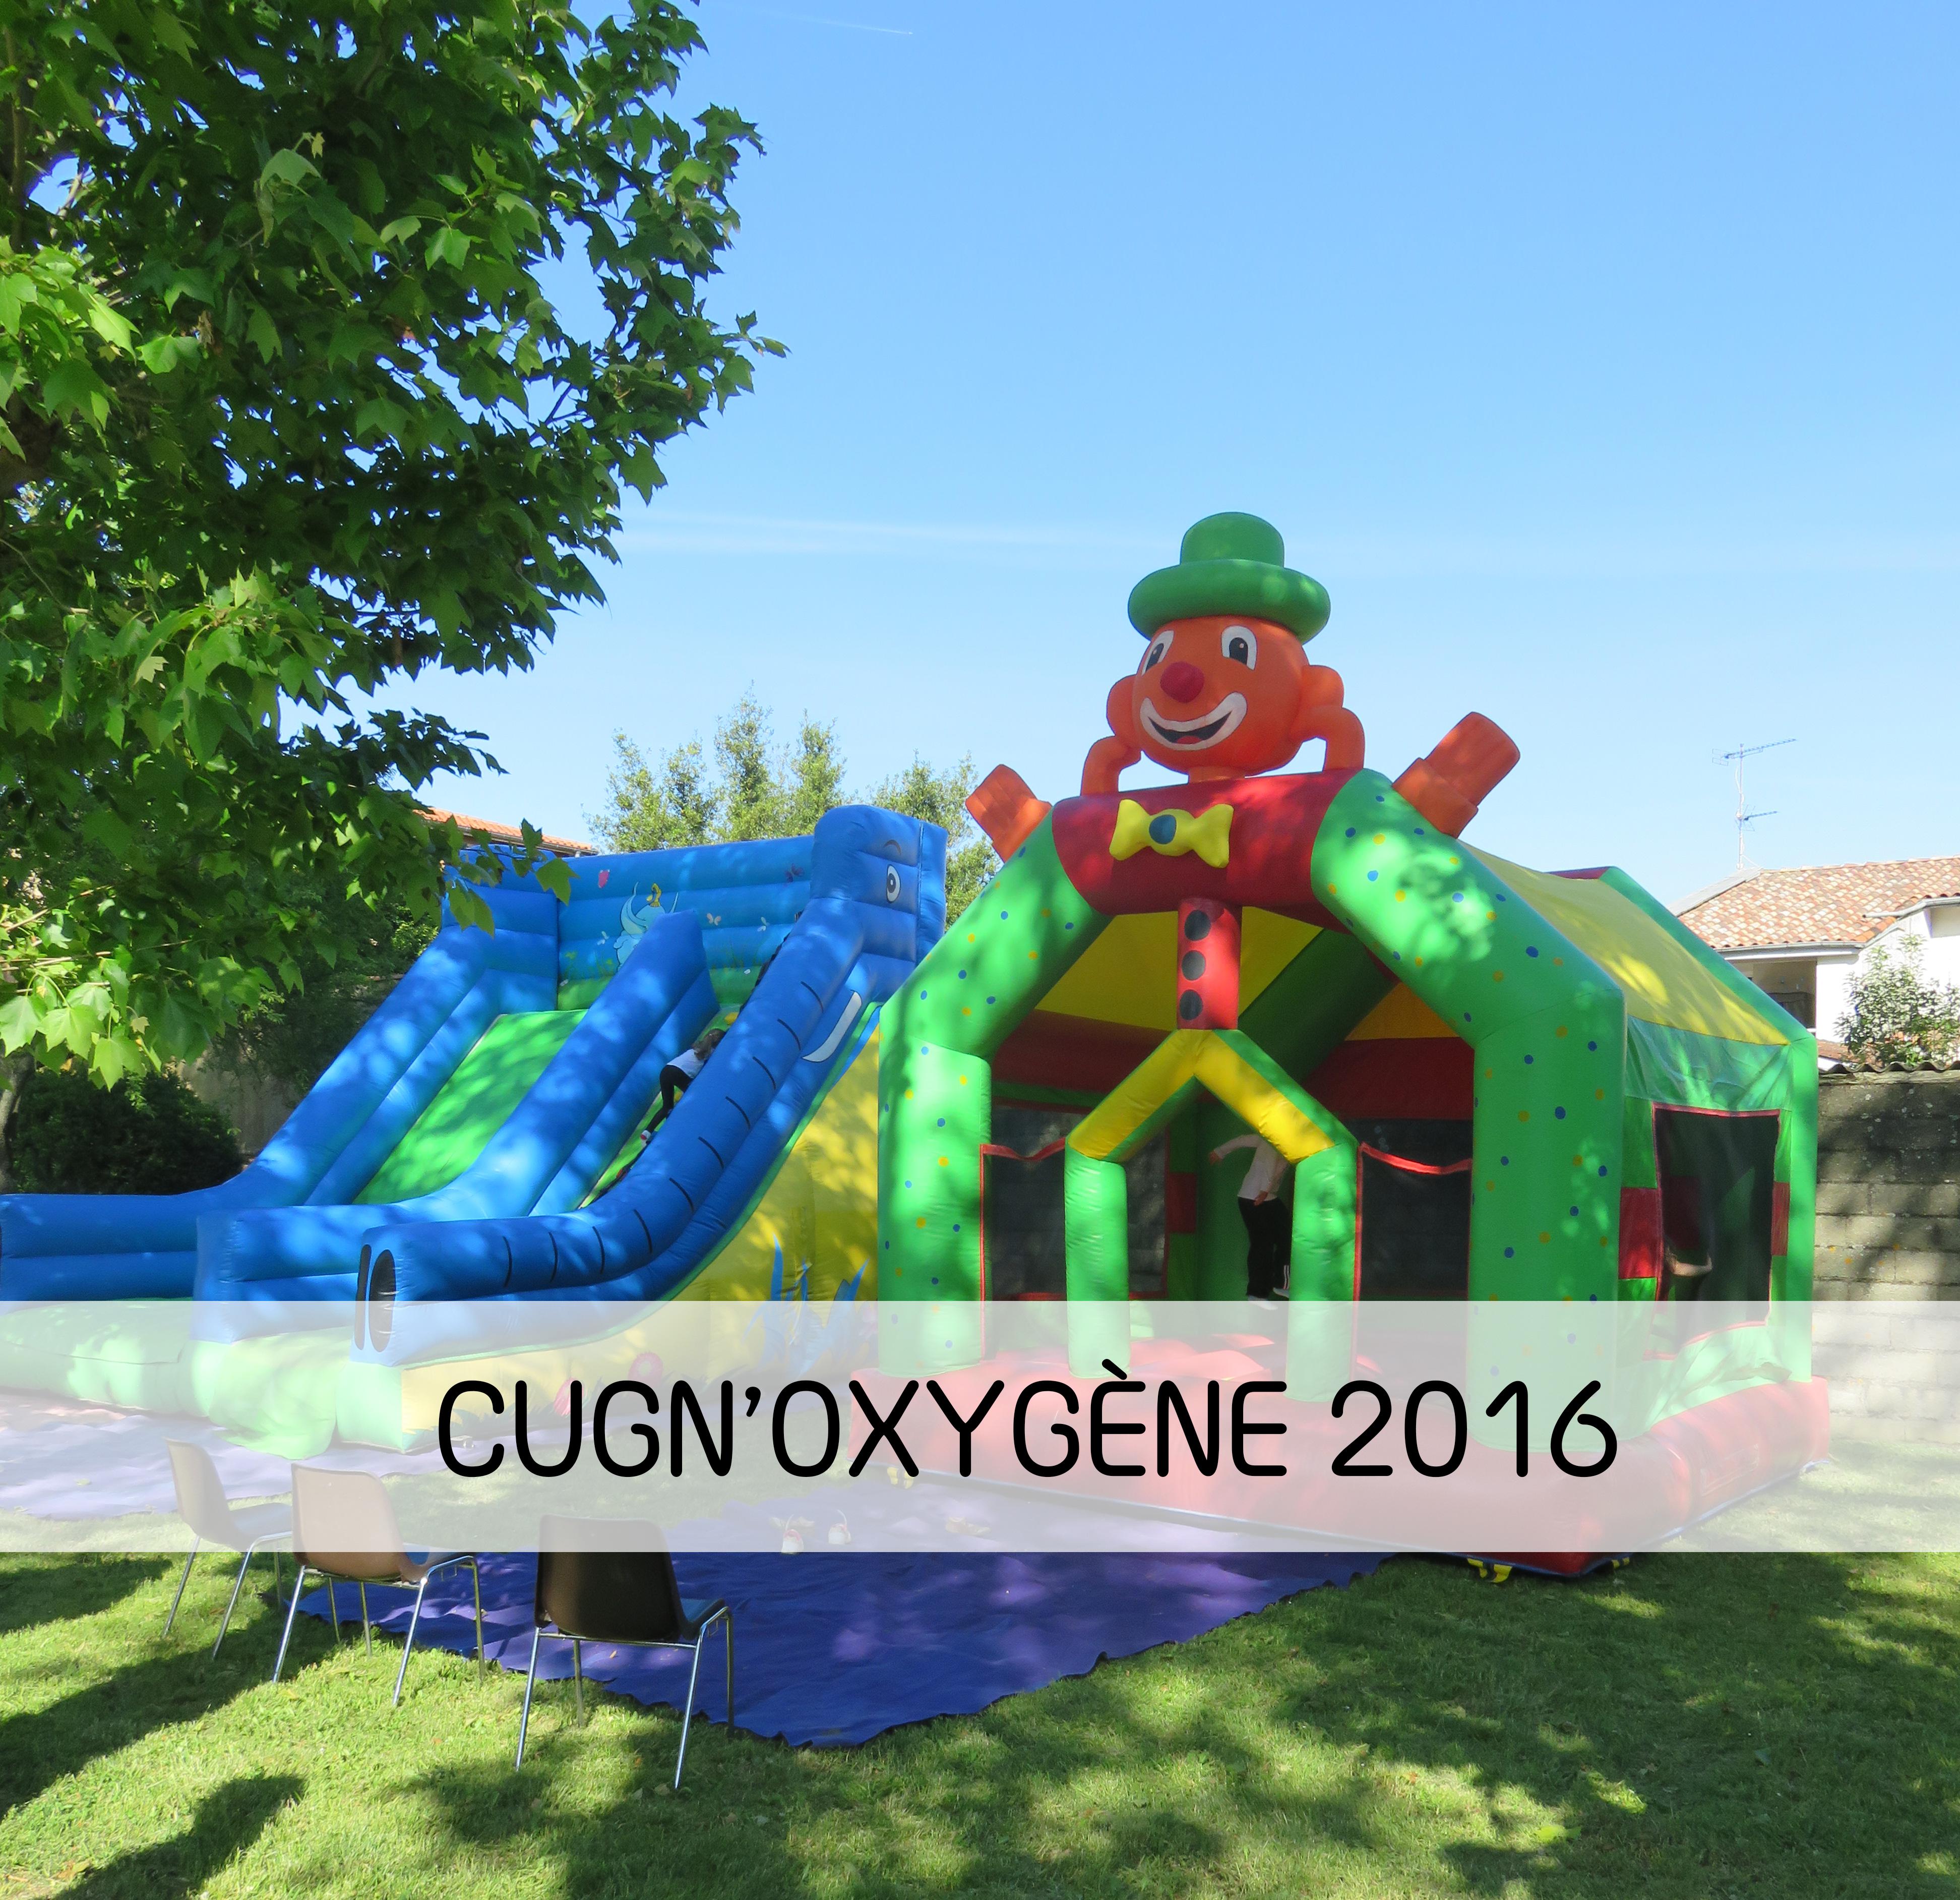 cugnoxygene-2016